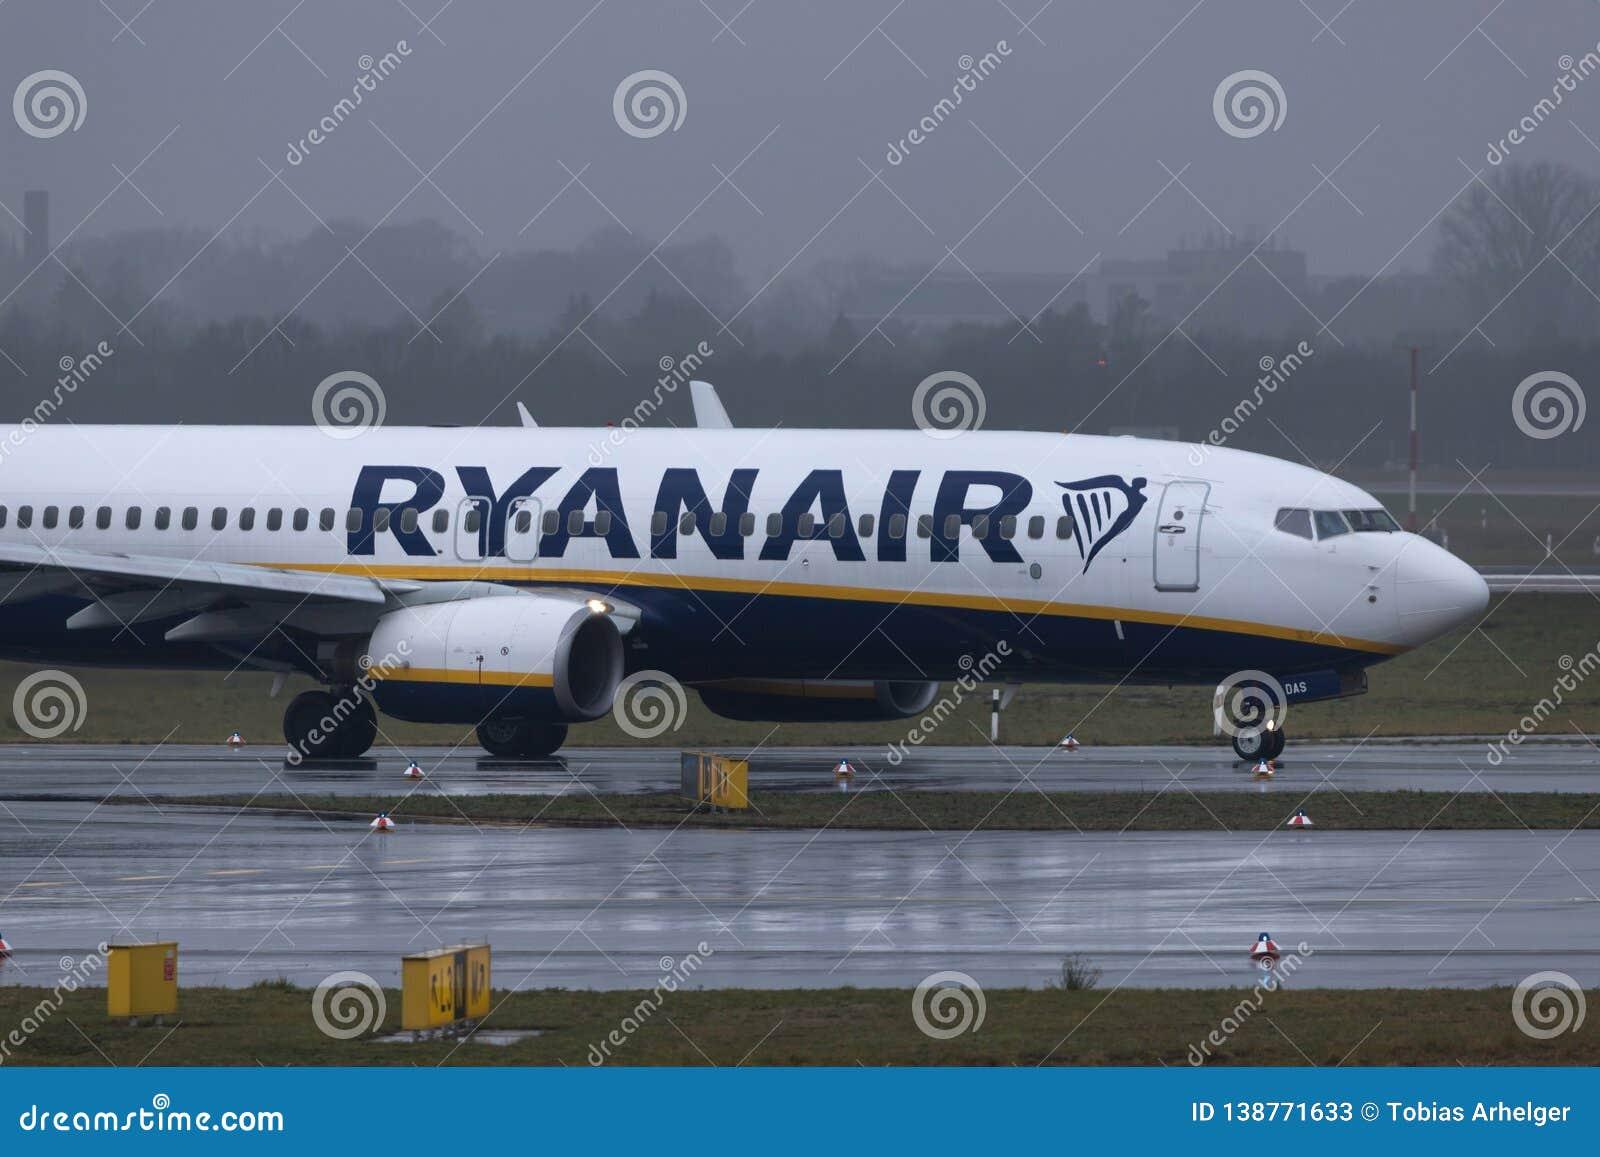 Dusseldorf nrw/Tyskland - 11 01 19: ryanair flygplan på den dusseldorf flygplatsen Tyskland i regnet